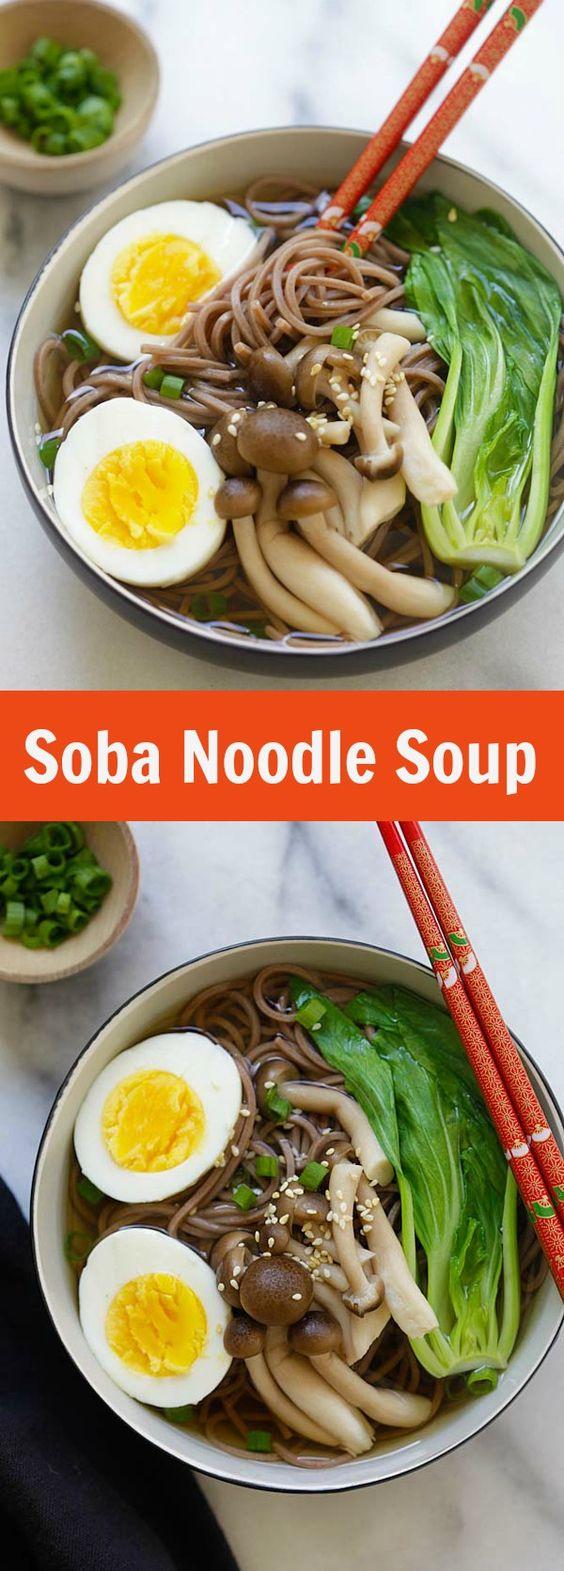 jap noodles soup noodles and more soba noodles noodle soups noodles ...